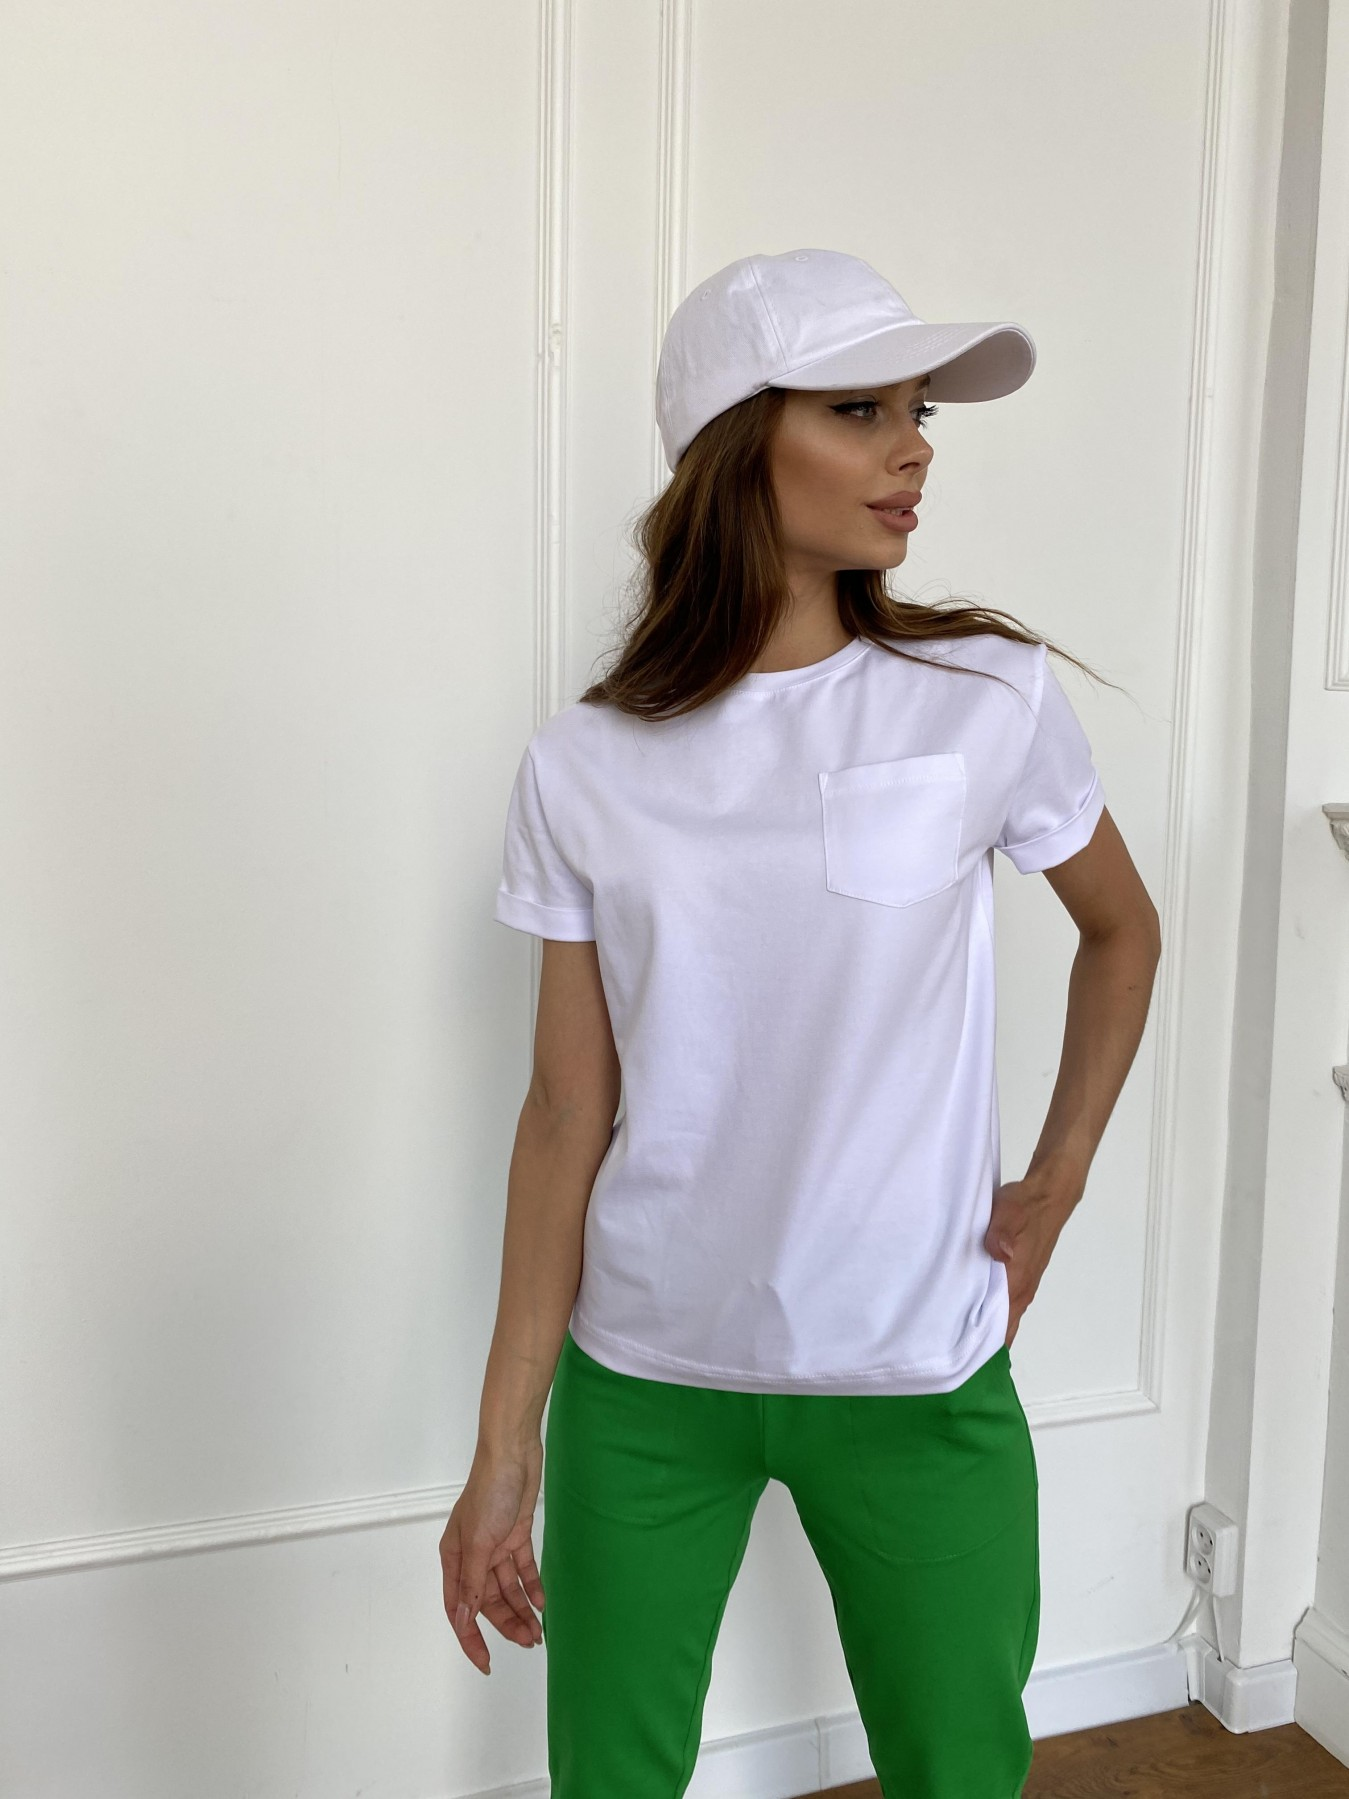 Вуди футболка из вискозы 11224 АРТ. 47750 Цвет: Белый - фото 6, интернет магазин tm-modus.ru